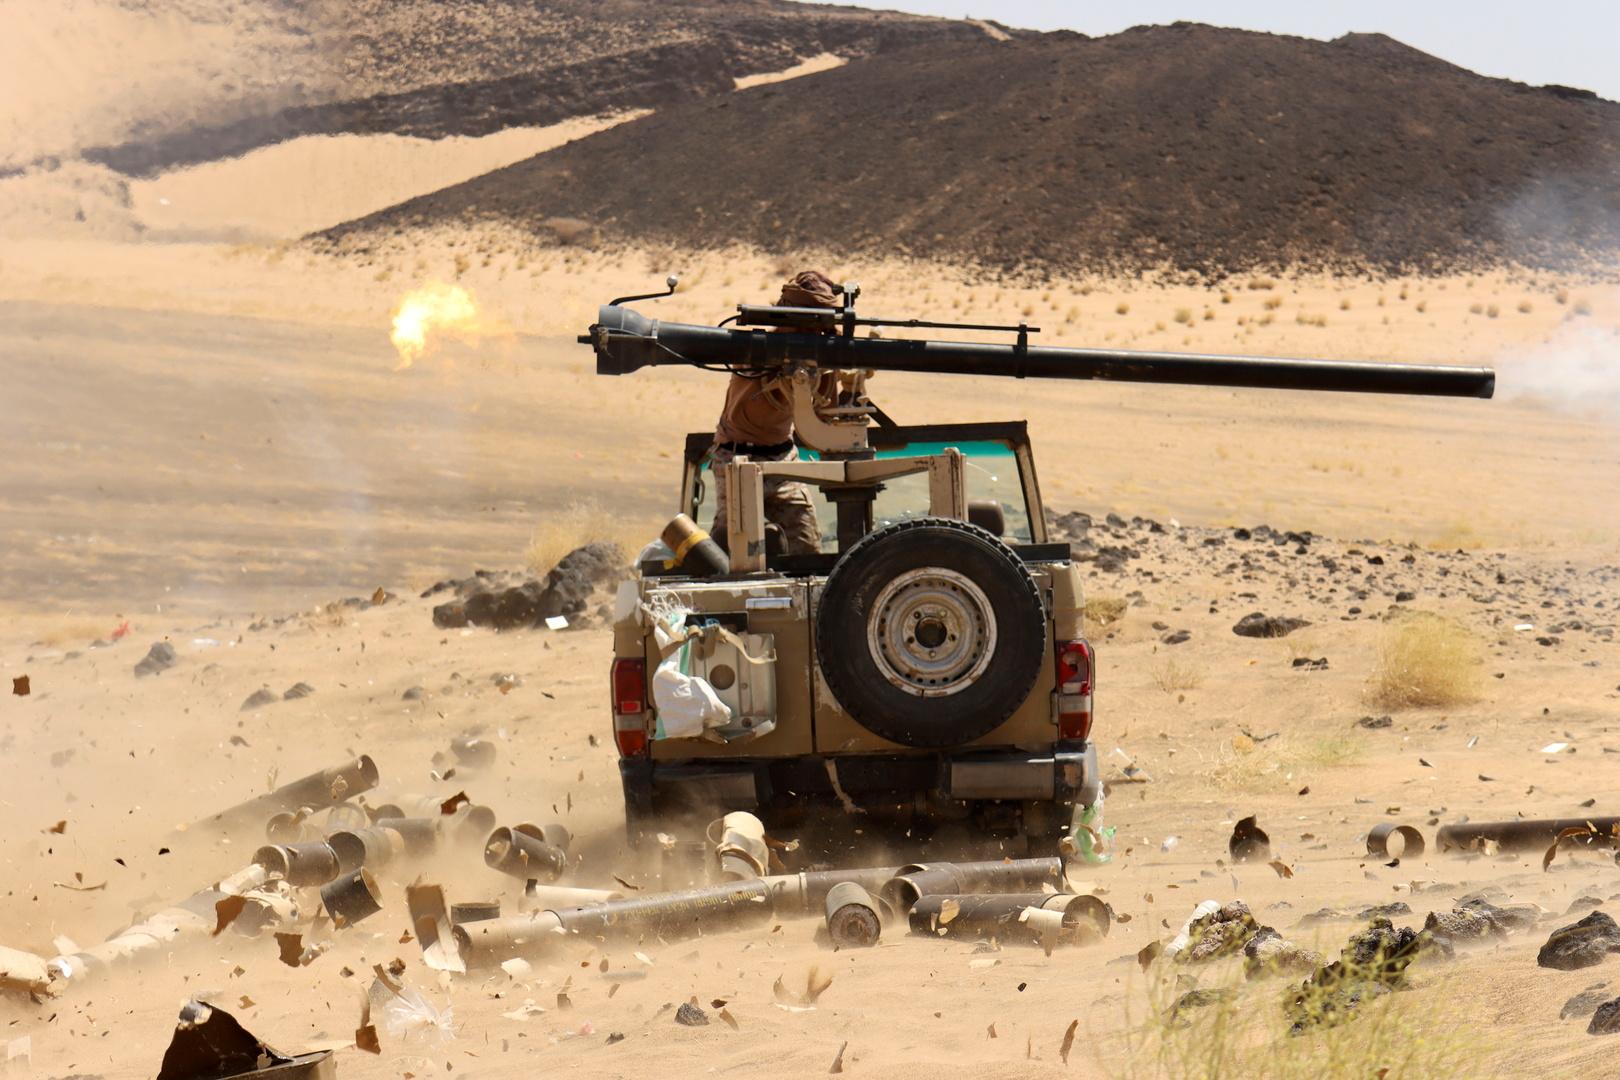 وزير الإعلام اليمني يحمل الحوثيين مسؤولية عدم دفع رواتب الموظفين الحكوميين